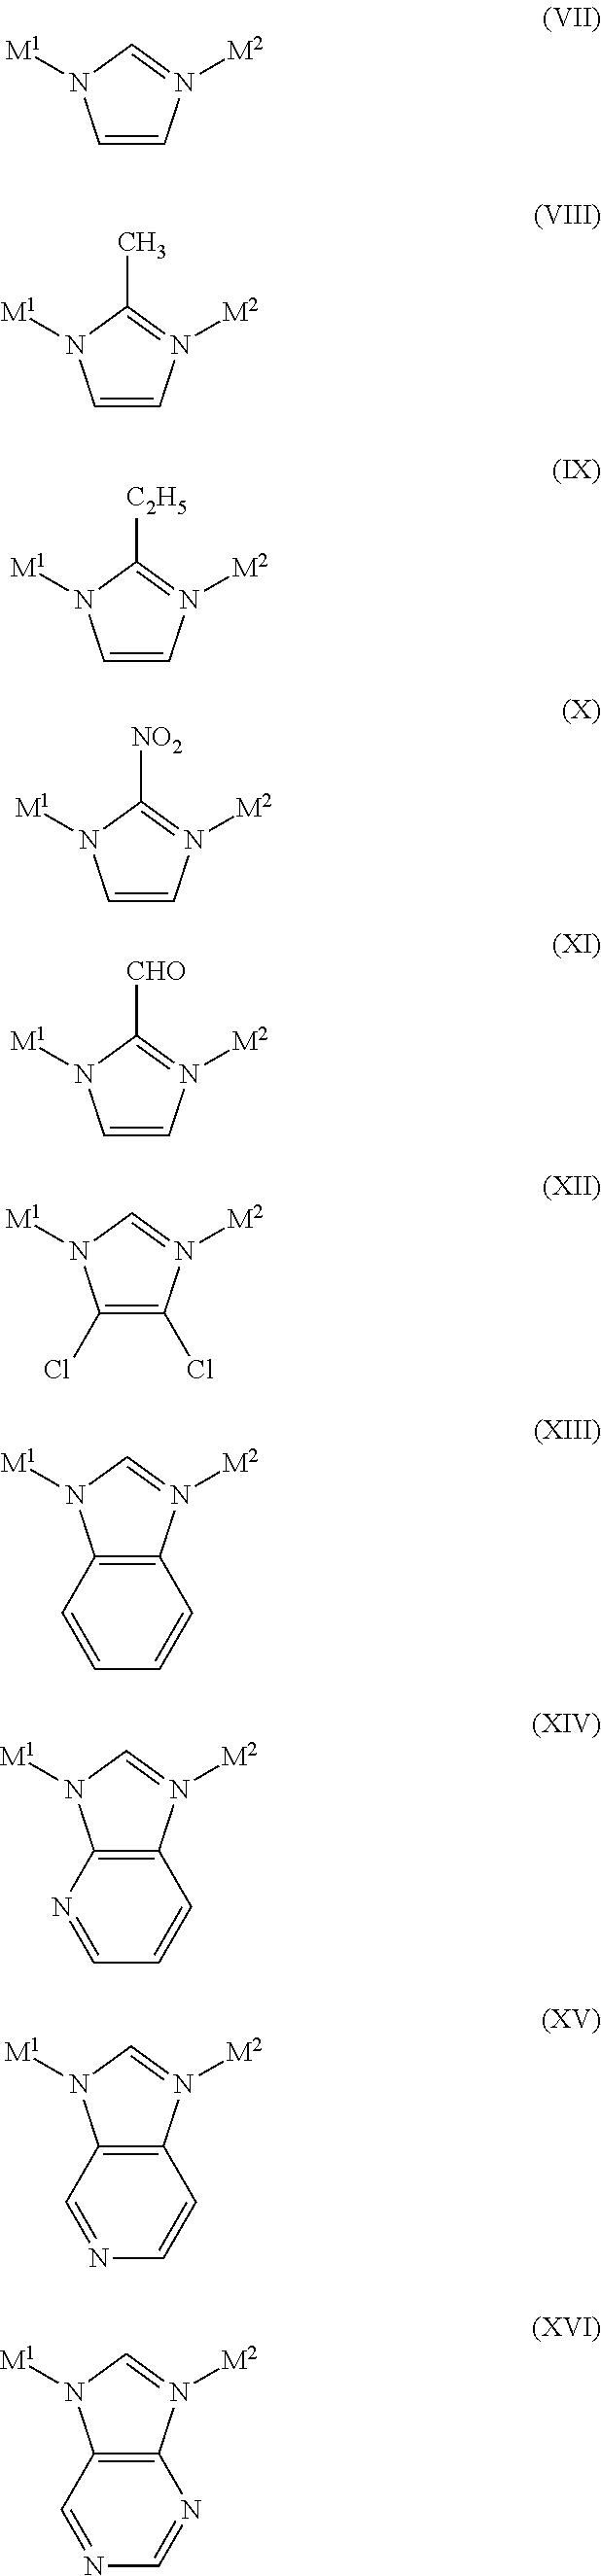 Figure US08920541-20141230-C00016